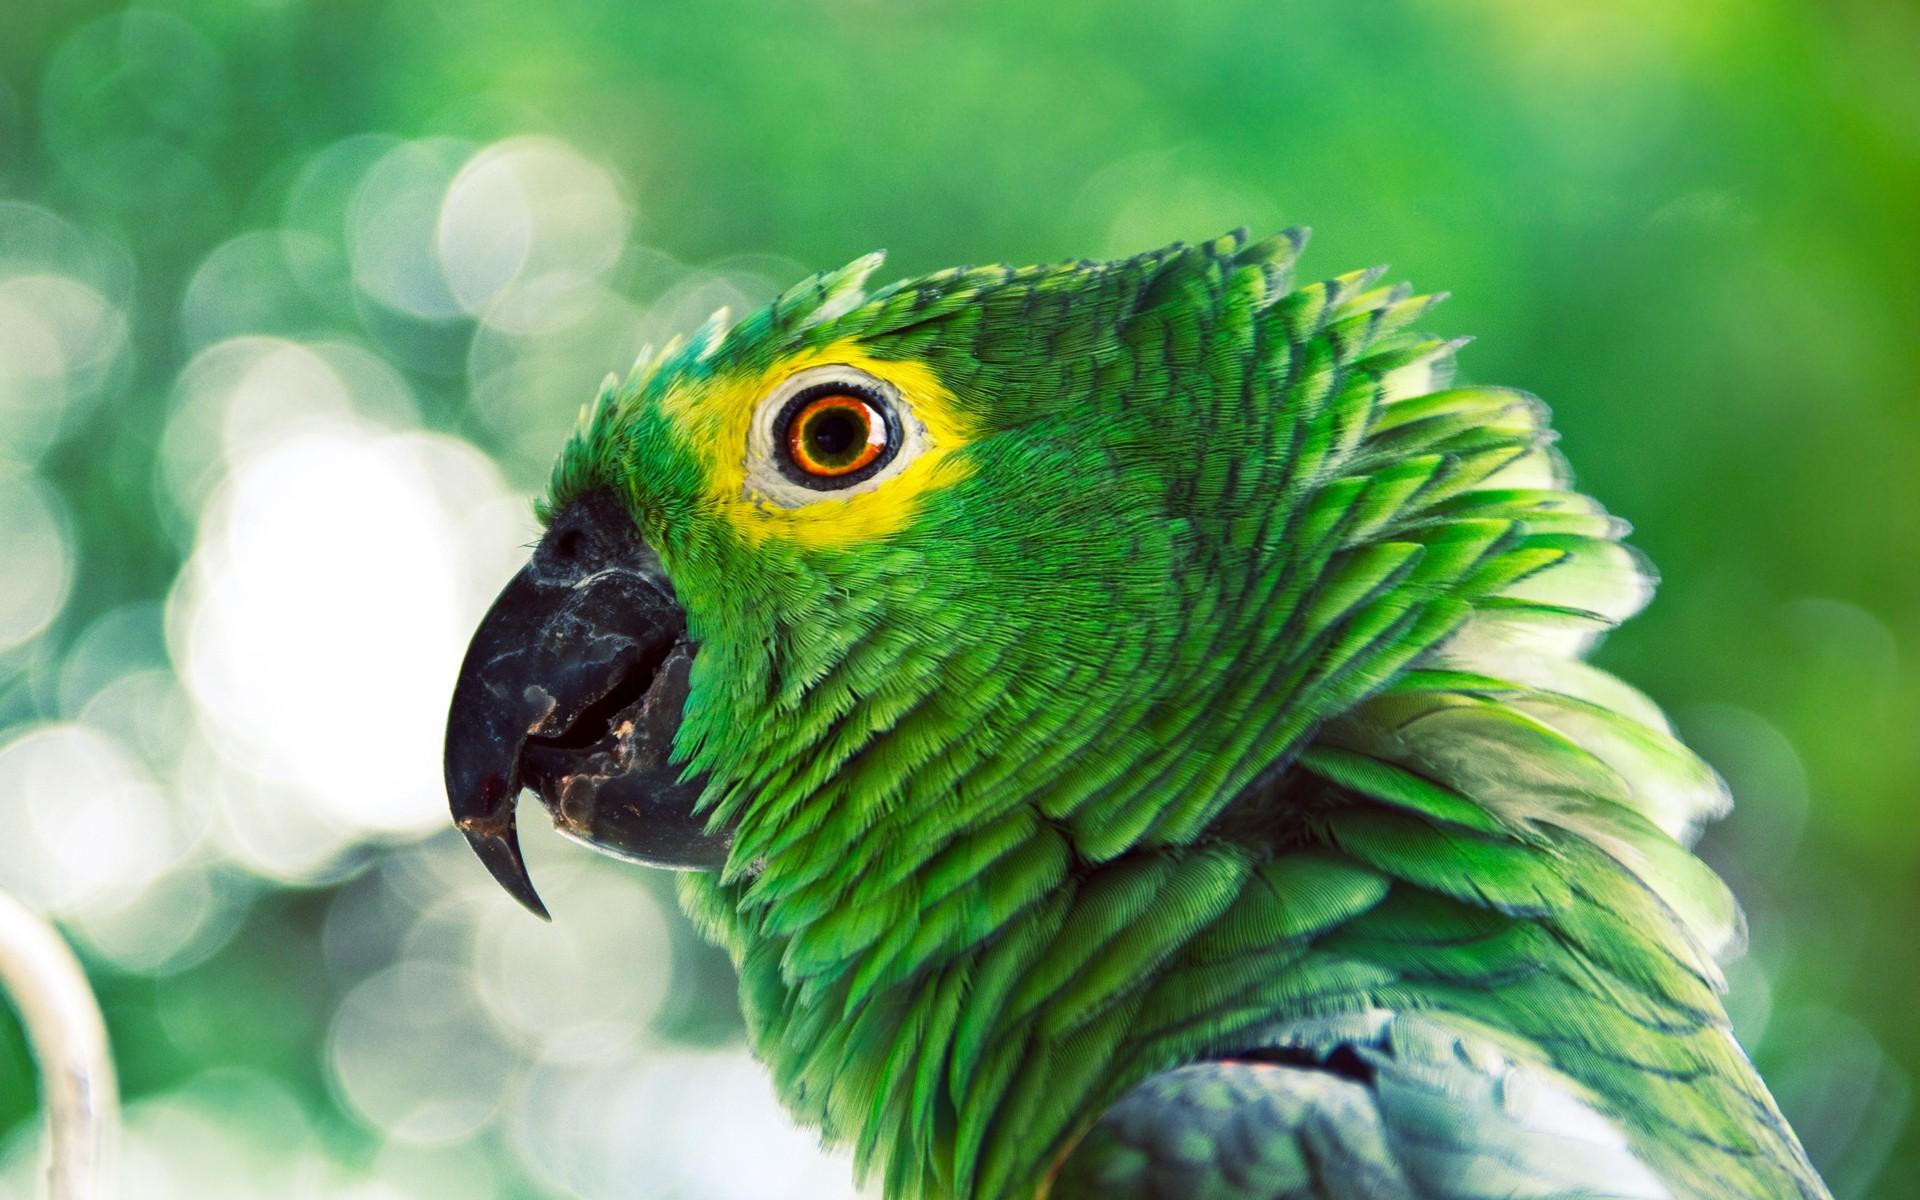 La cabeza de un loro verde - 1920x1200